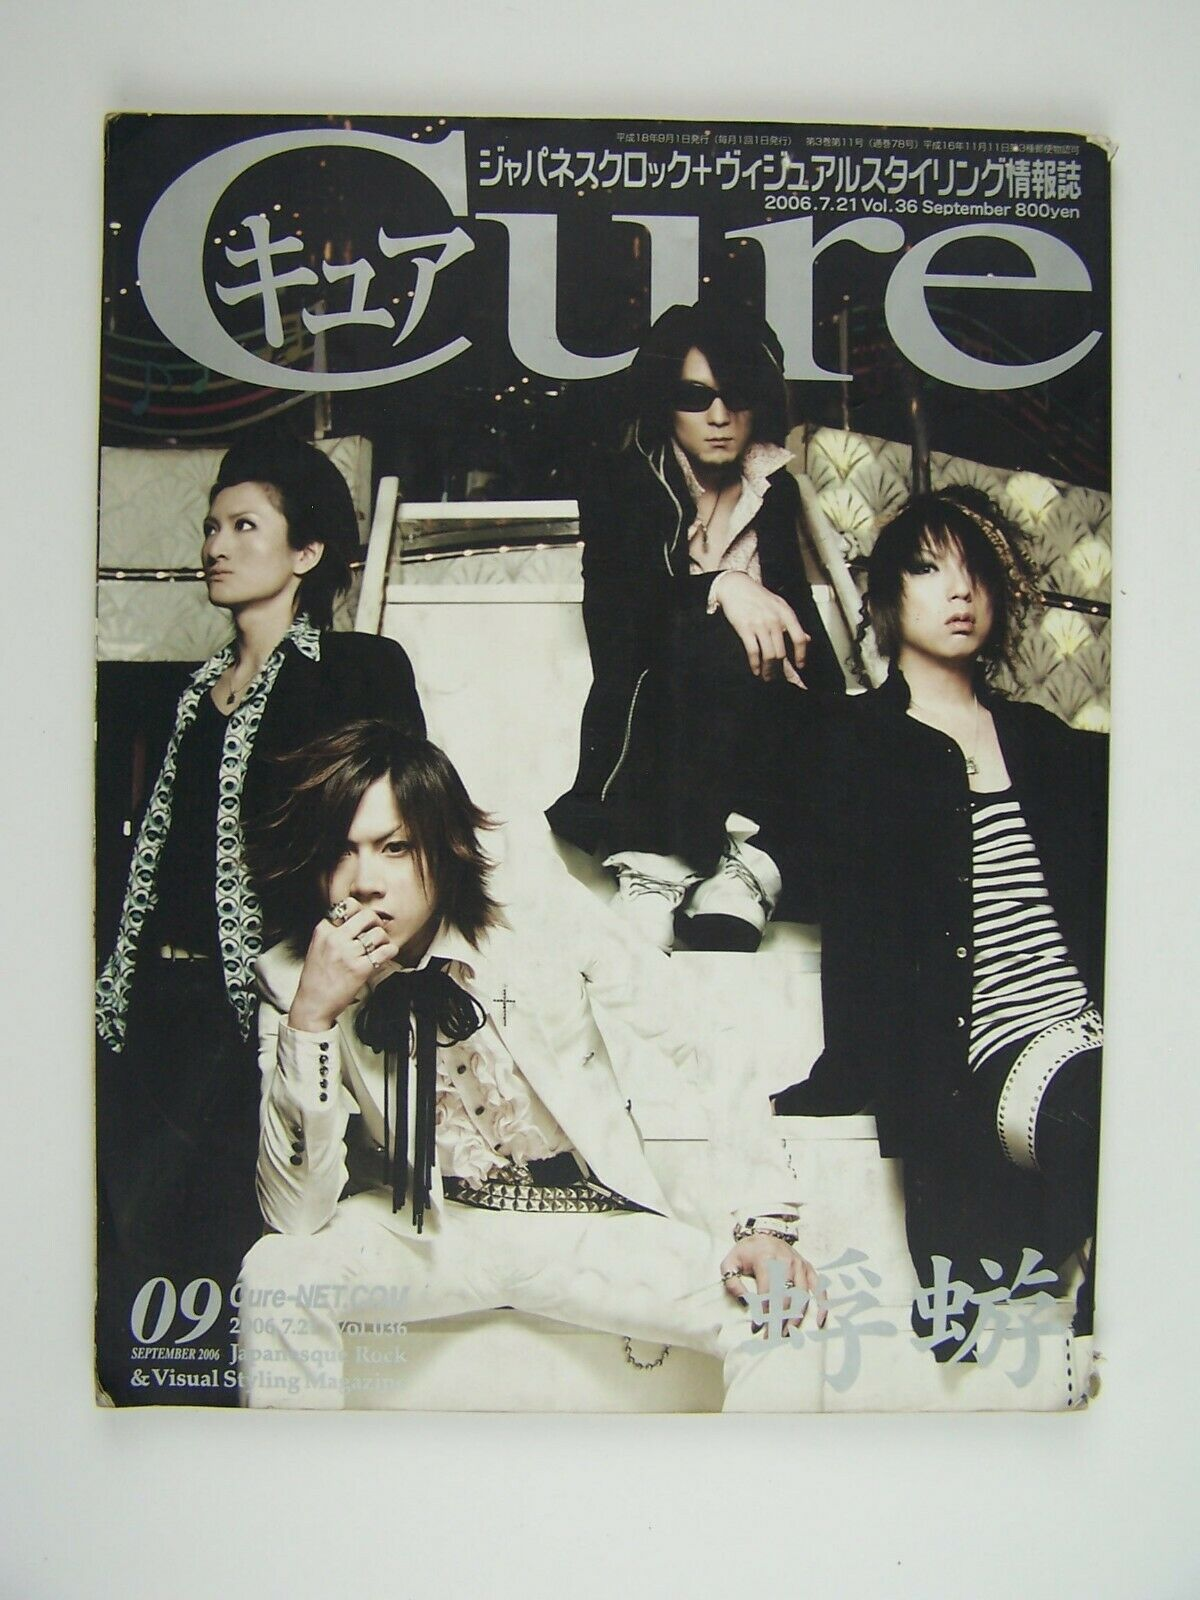 CURE Magazine Japanese Rock & Fashion September 2006 Vo